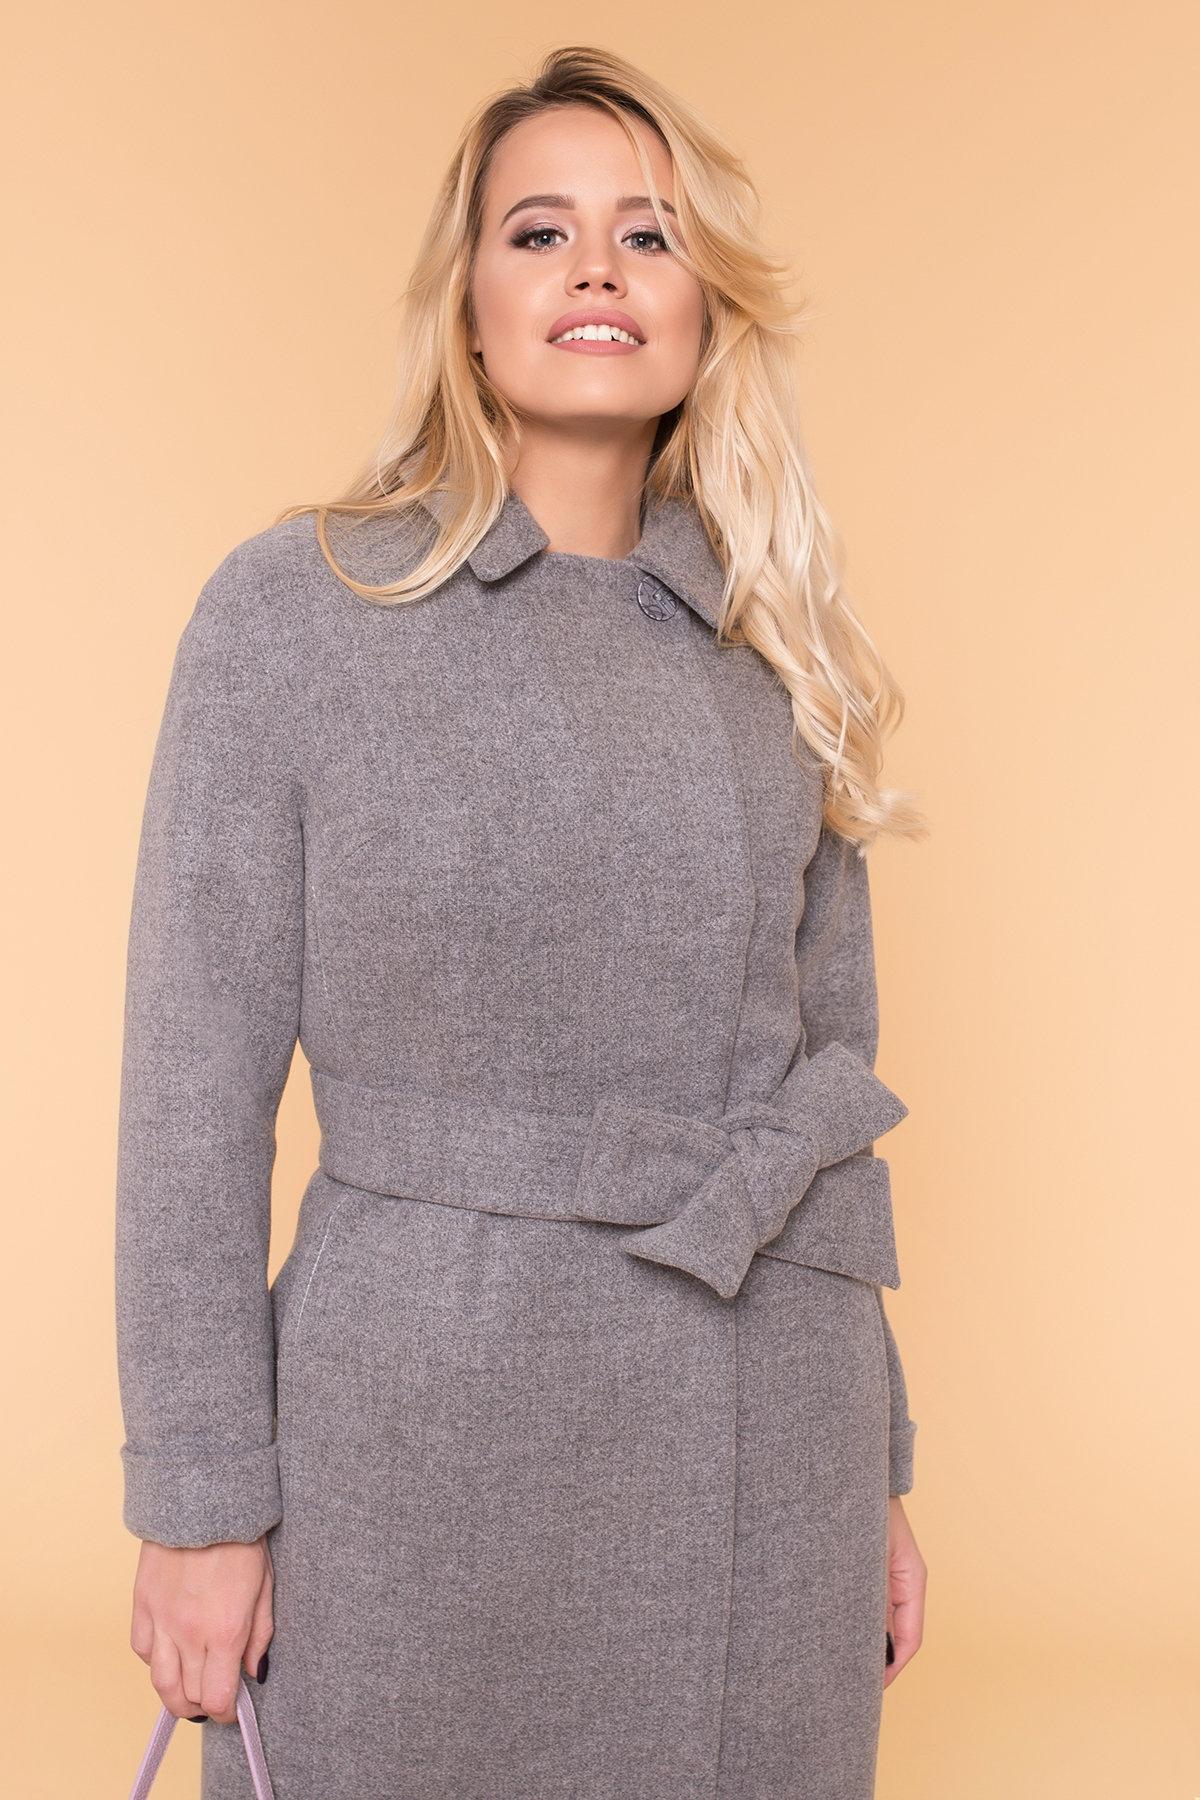 Пальто зима Богема 5707 АРТ. 38004 Цвет: Серый 18 - фото 5, интернет магазин tm-modus.ru